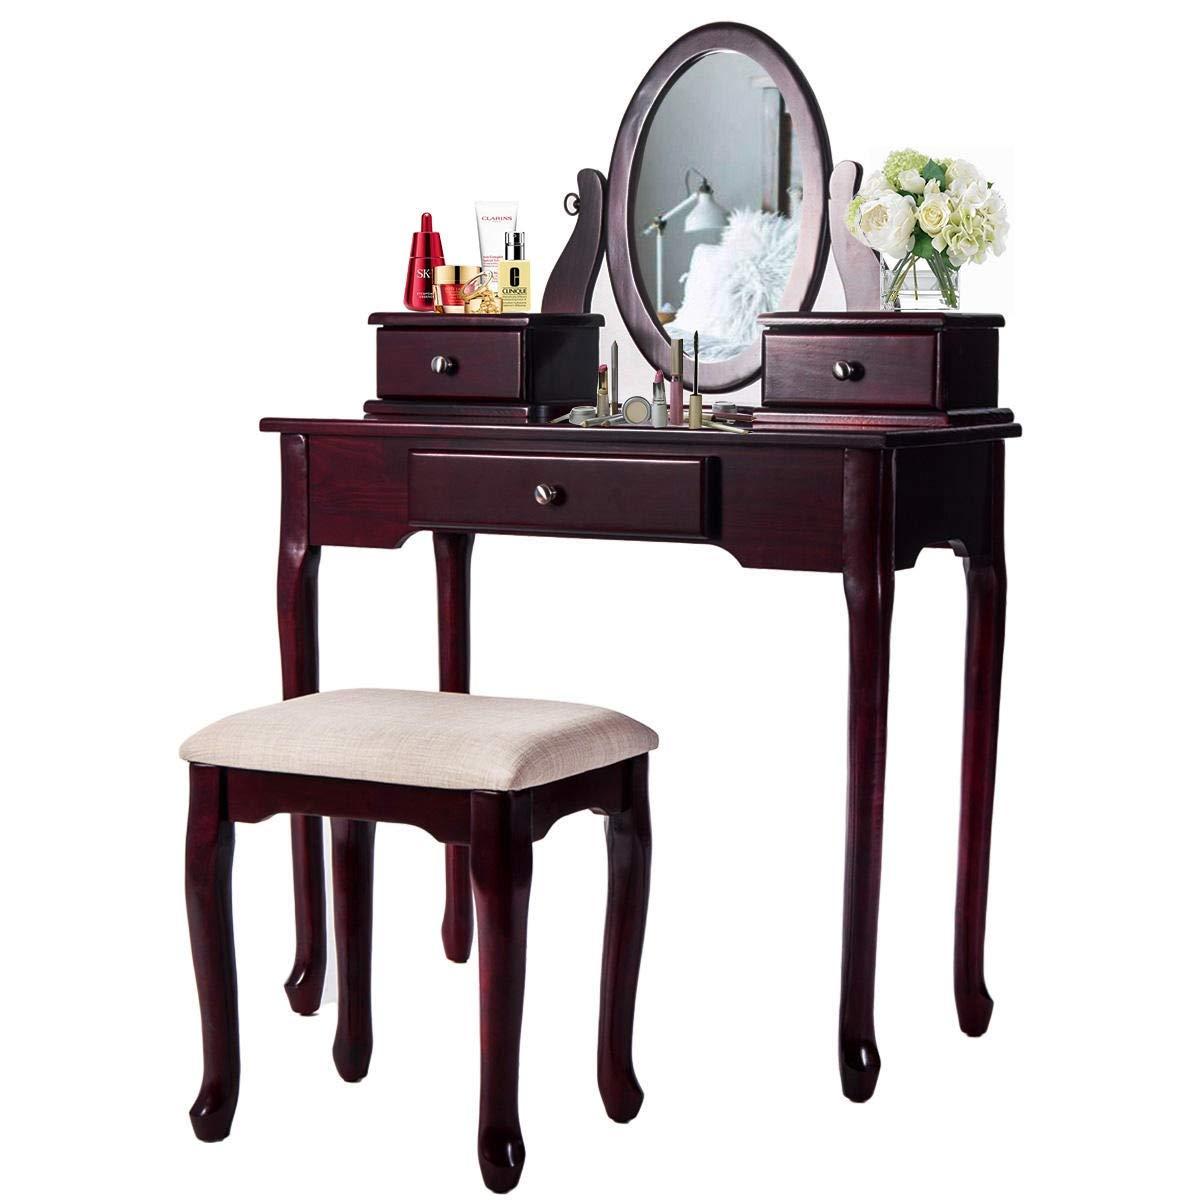 Brandless Traditionell Flip Top Spiegel Makeup Schminktisch und Cushioned Hocker 2 PC Moderne Mirrored Make Up Schreibtisch mit Sitzbank und herausnehmbaren Schubladen, Diverse Elemente